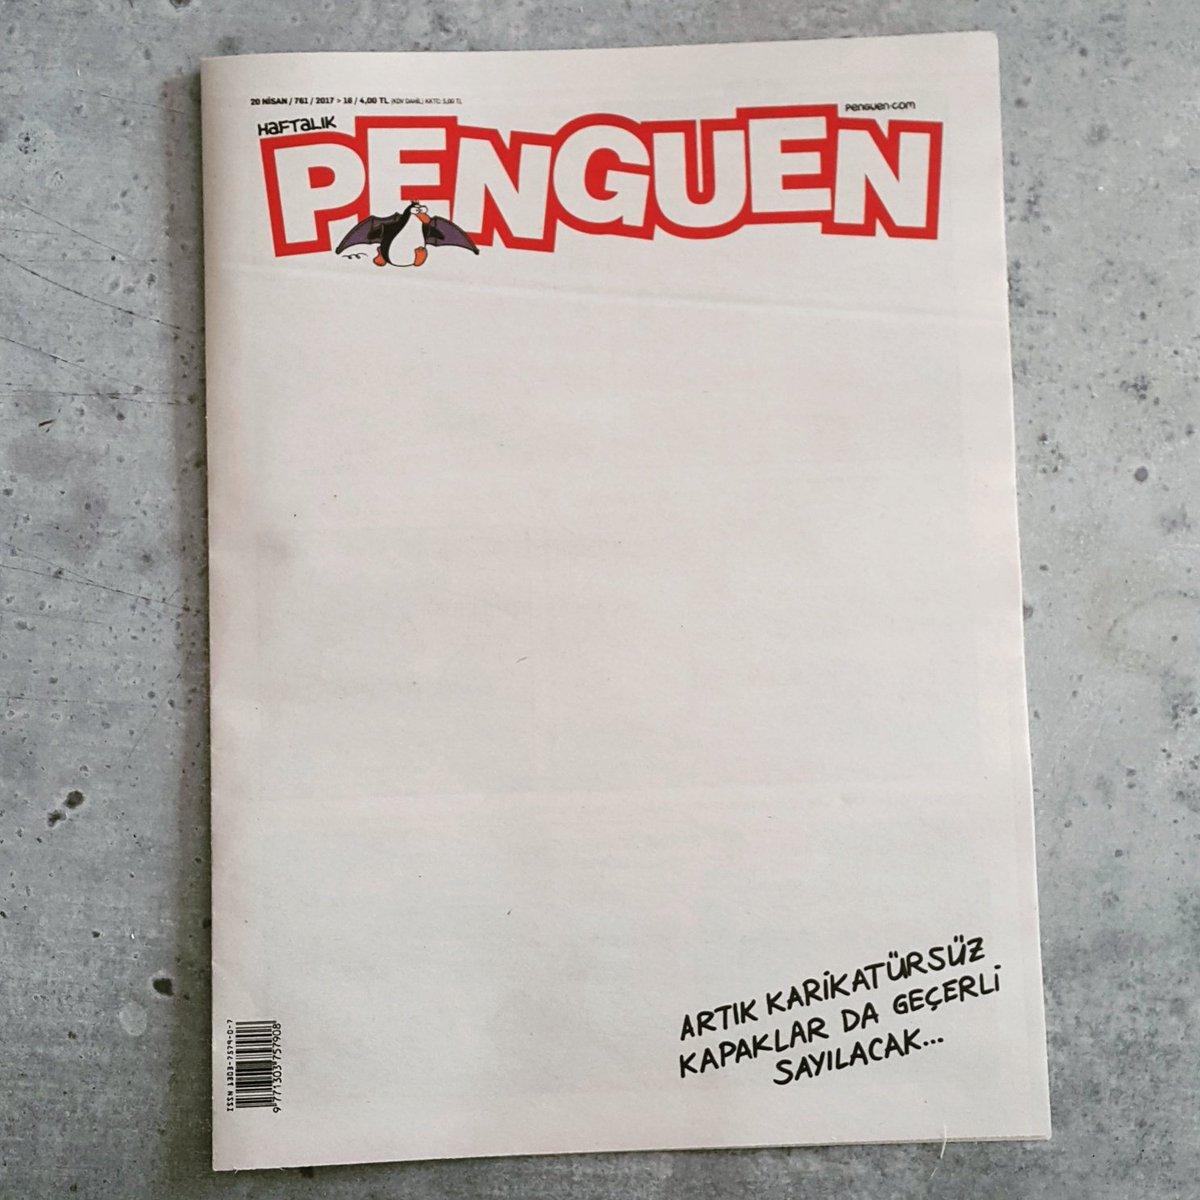 Artık karikatürsüz kapaklar da geçerli sayılacak... #Penguen yeni sayı çıktı! https://t.co/BsK9X6eCZQ